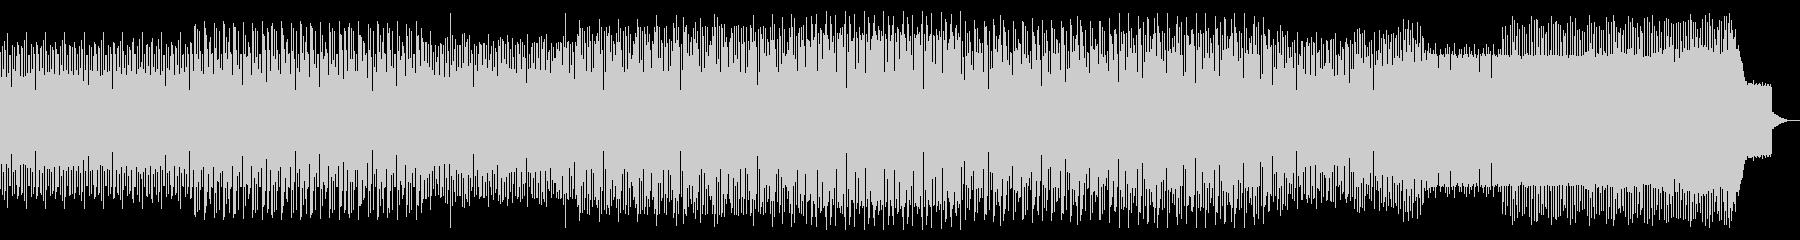 ループミュージック!しっとりとしたハウスの未再生の波形